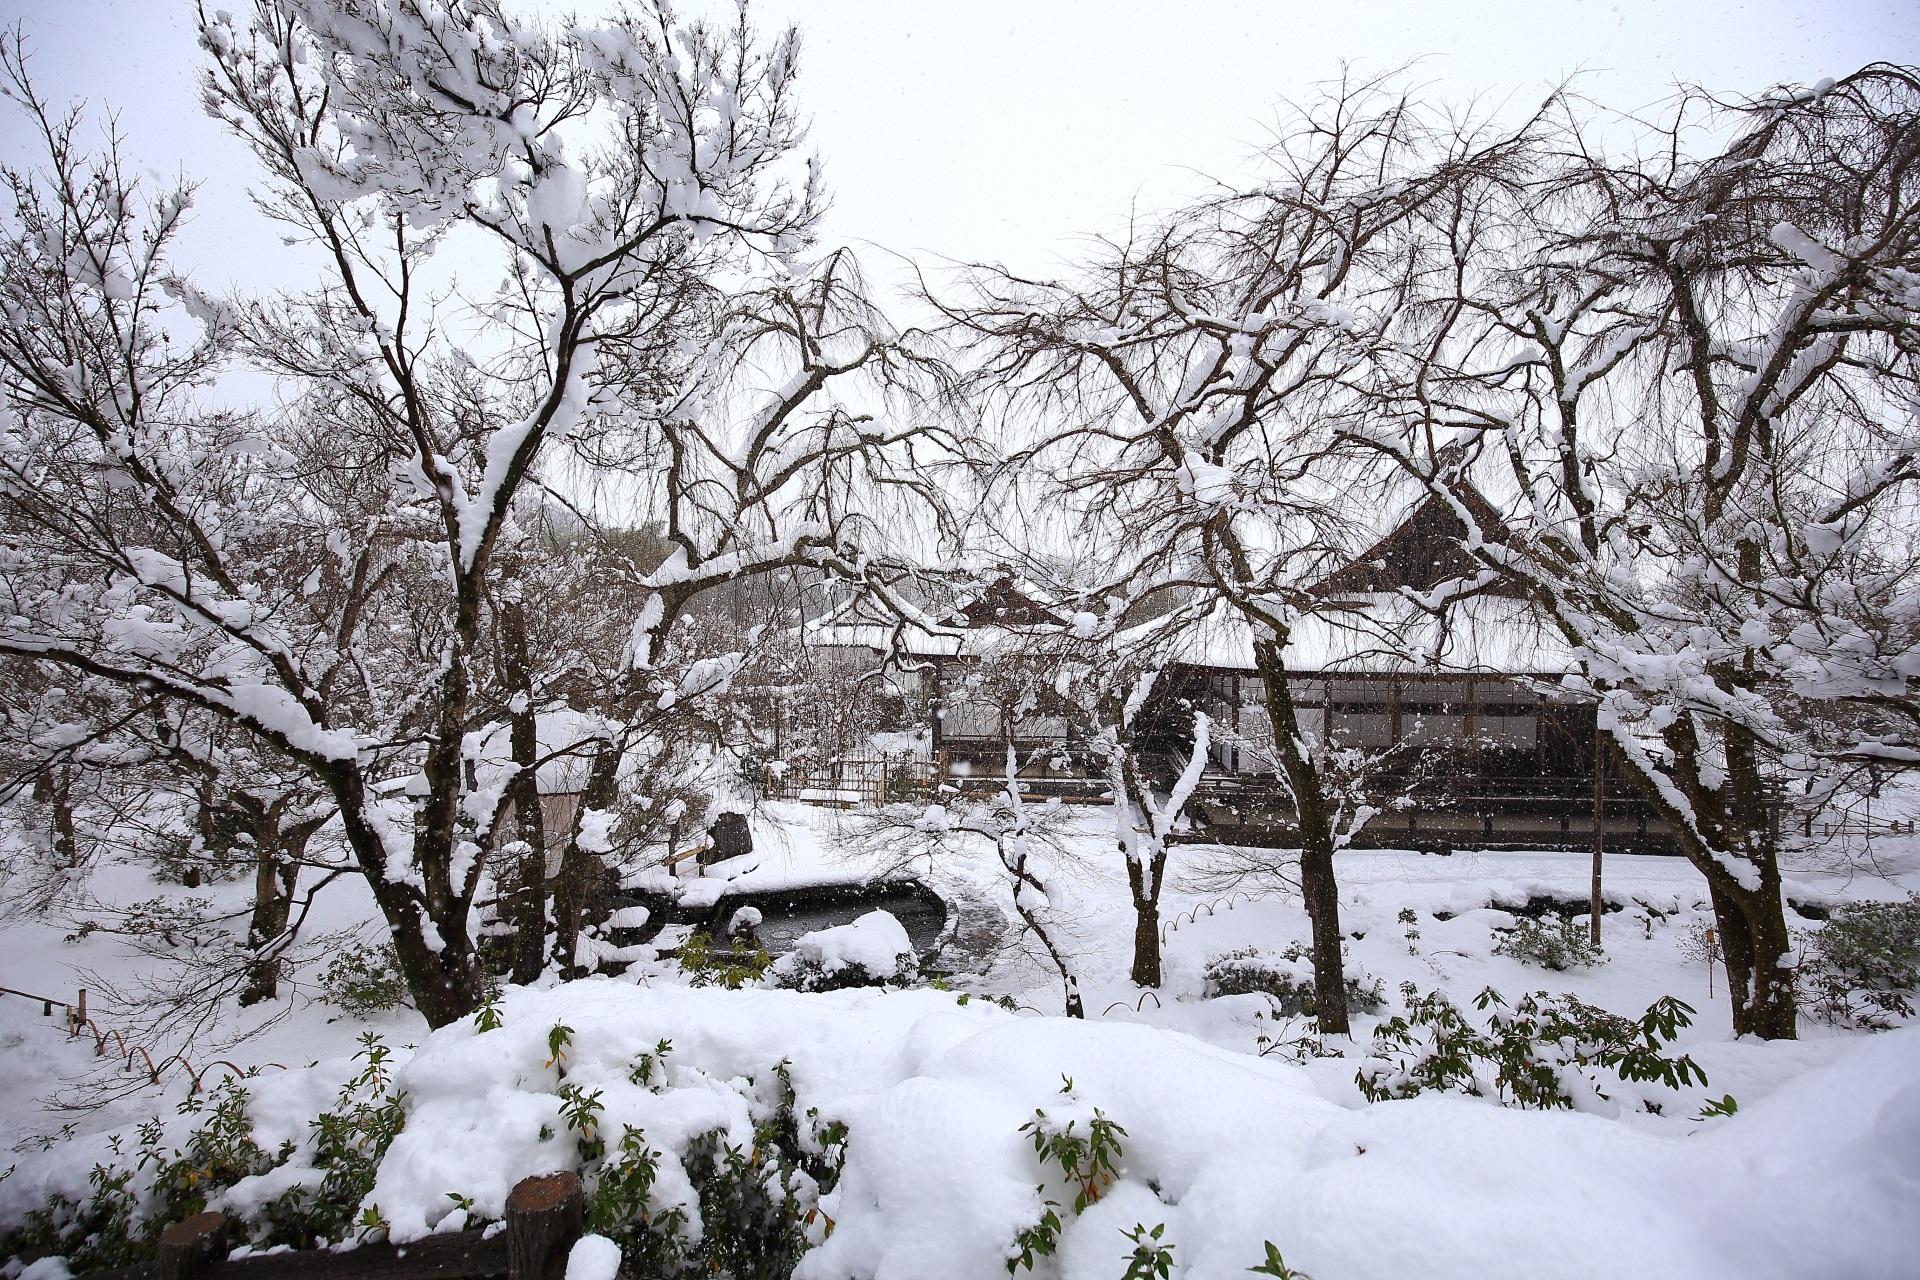 天龍寺の百花苑の雪景色